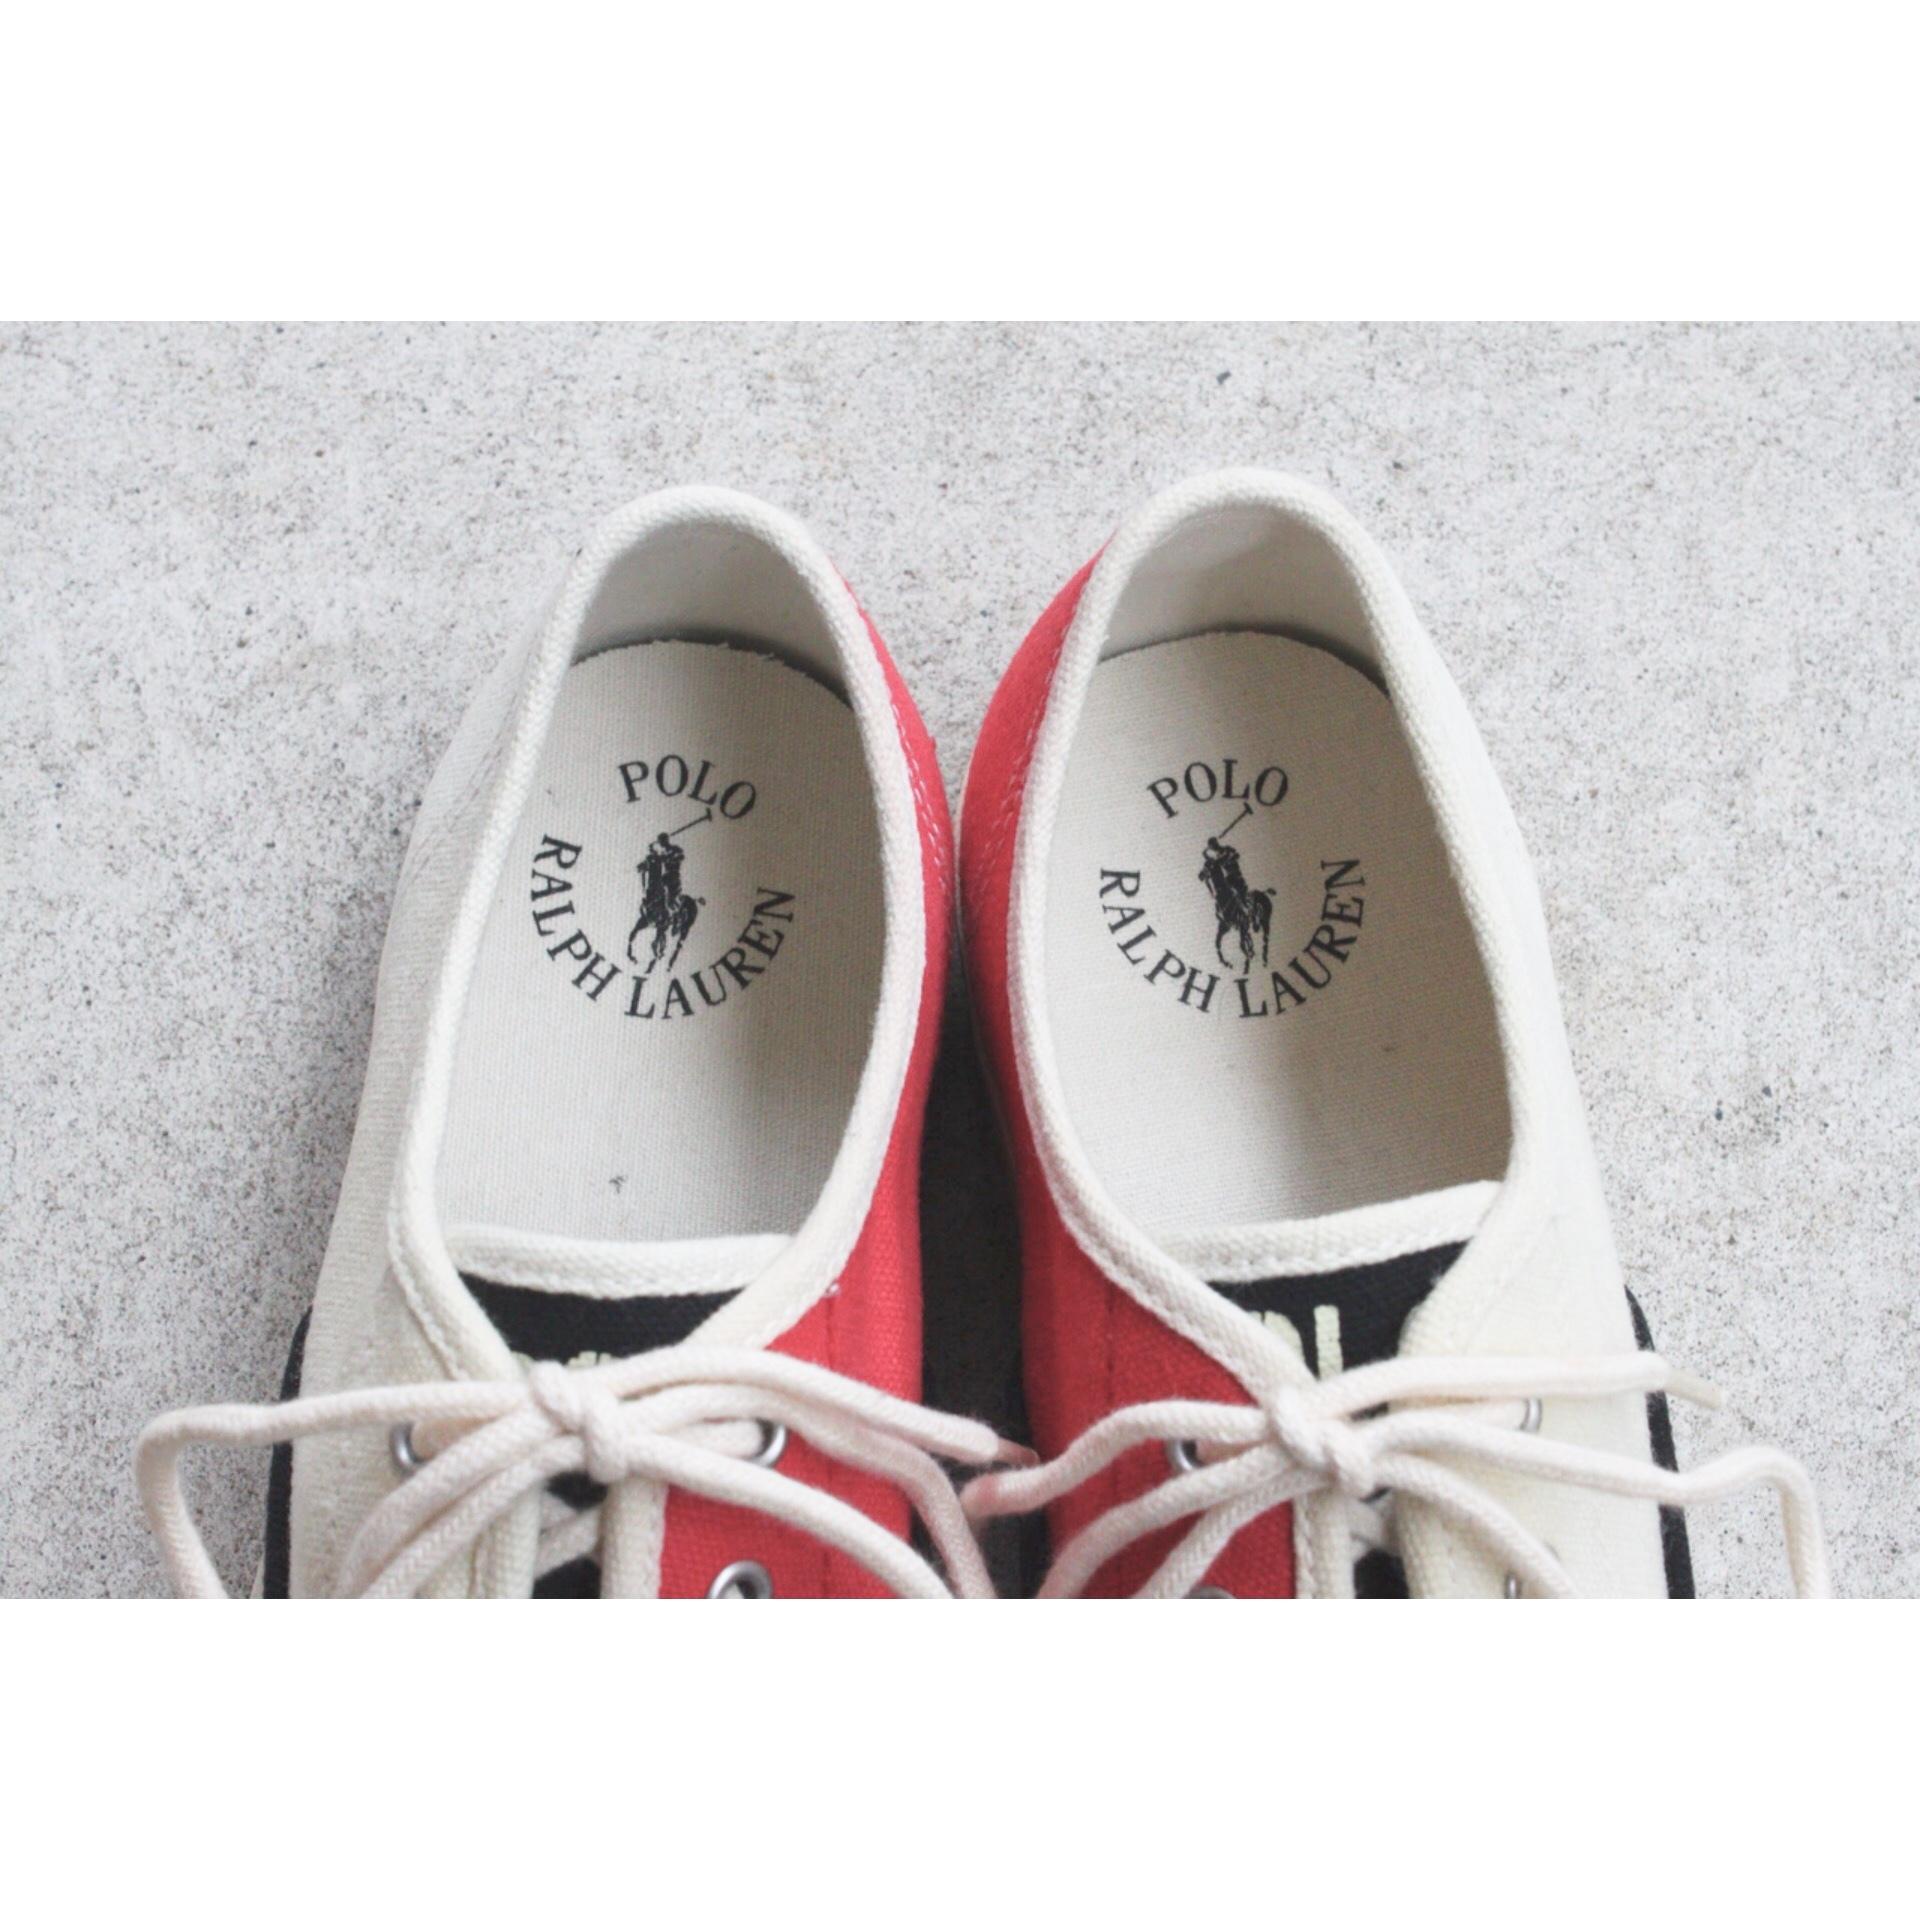 Vintage Bicolor shoes by Polo Ralph Lauren